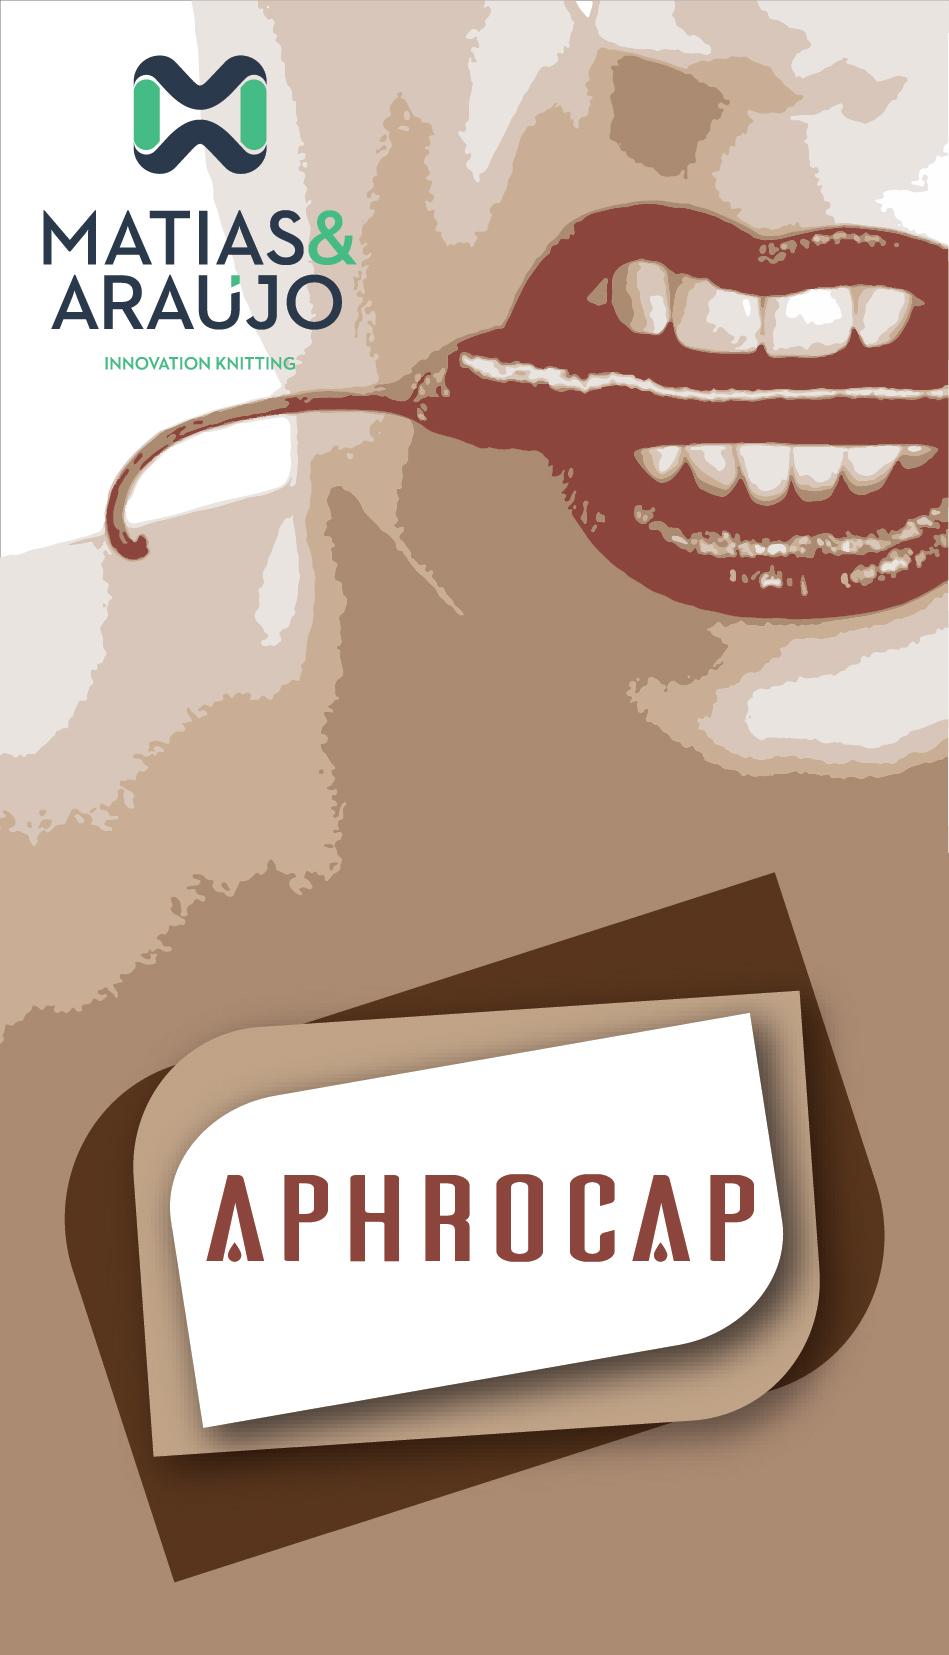 Aphrocap